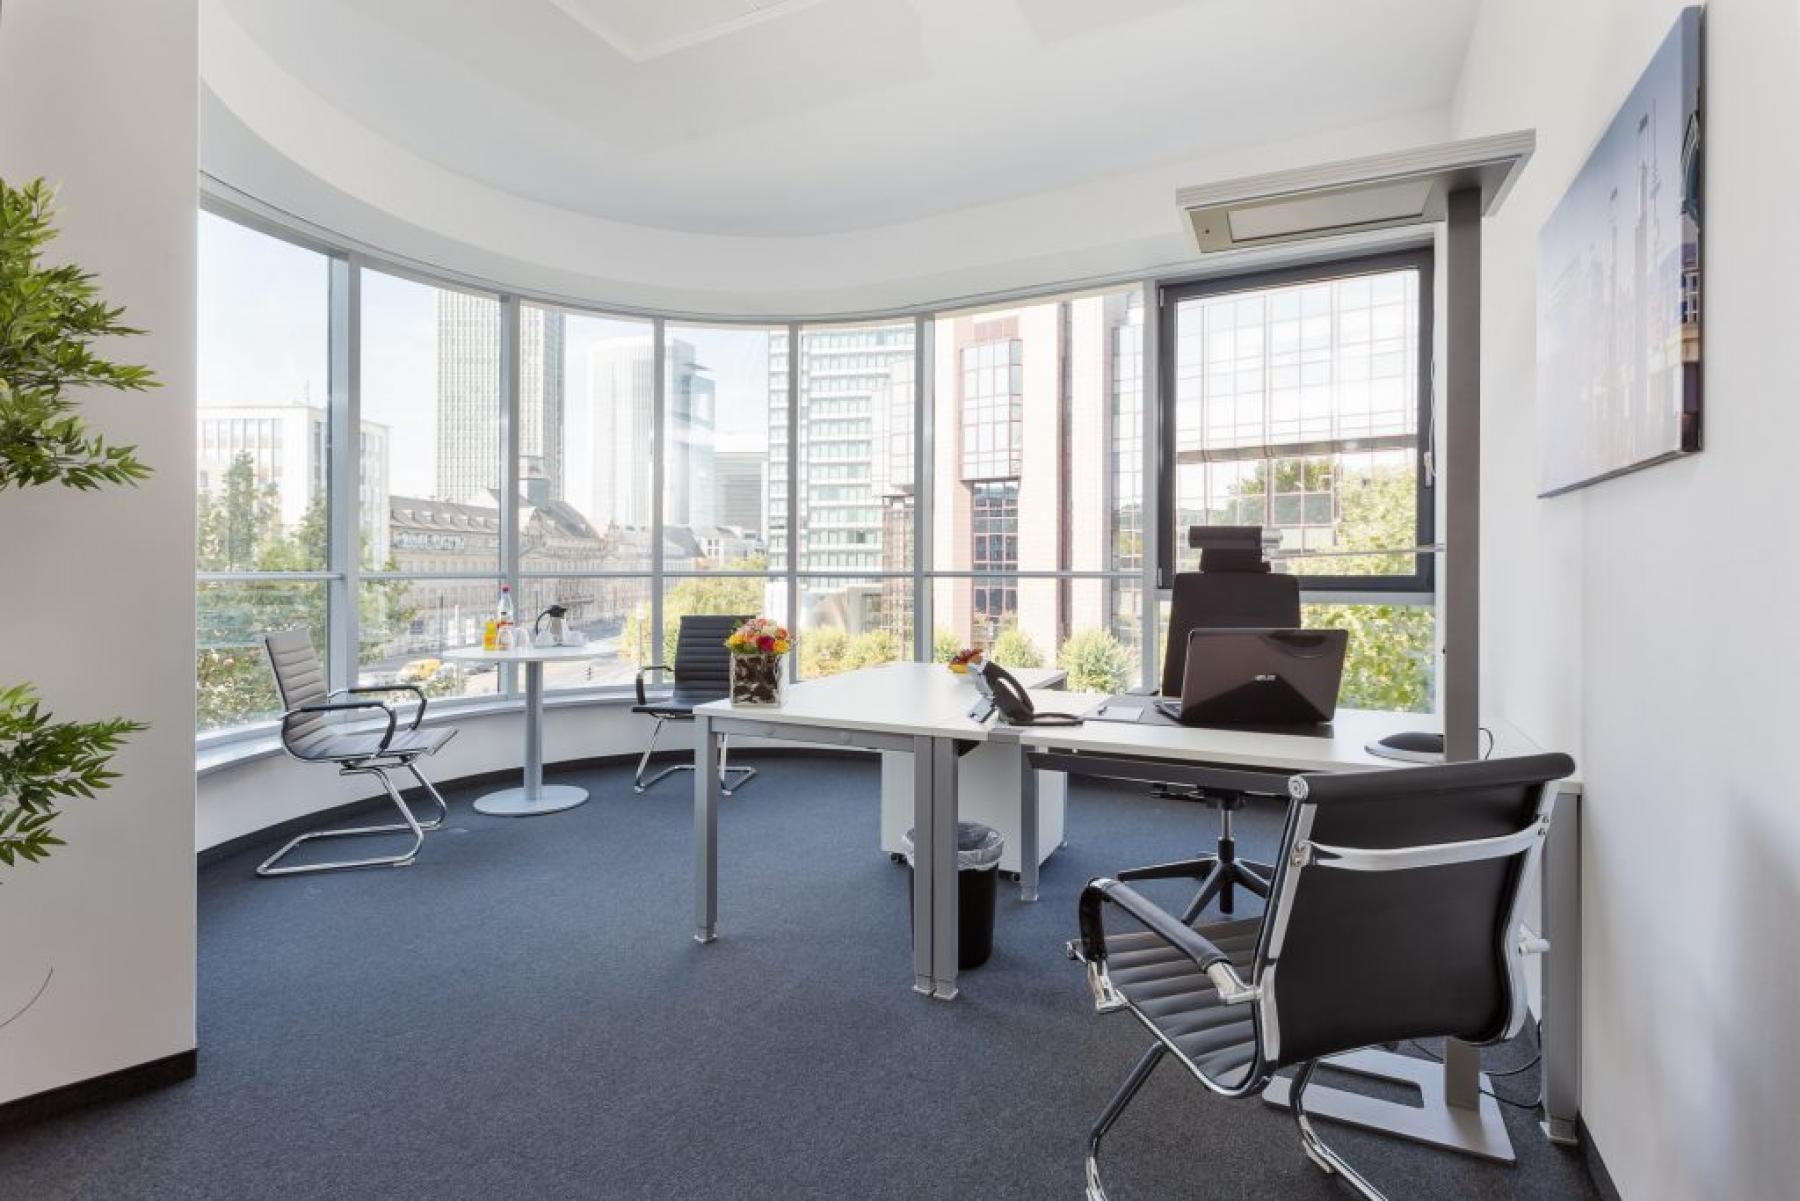 Beeindruckende Büros zur Miete in Frankfurt